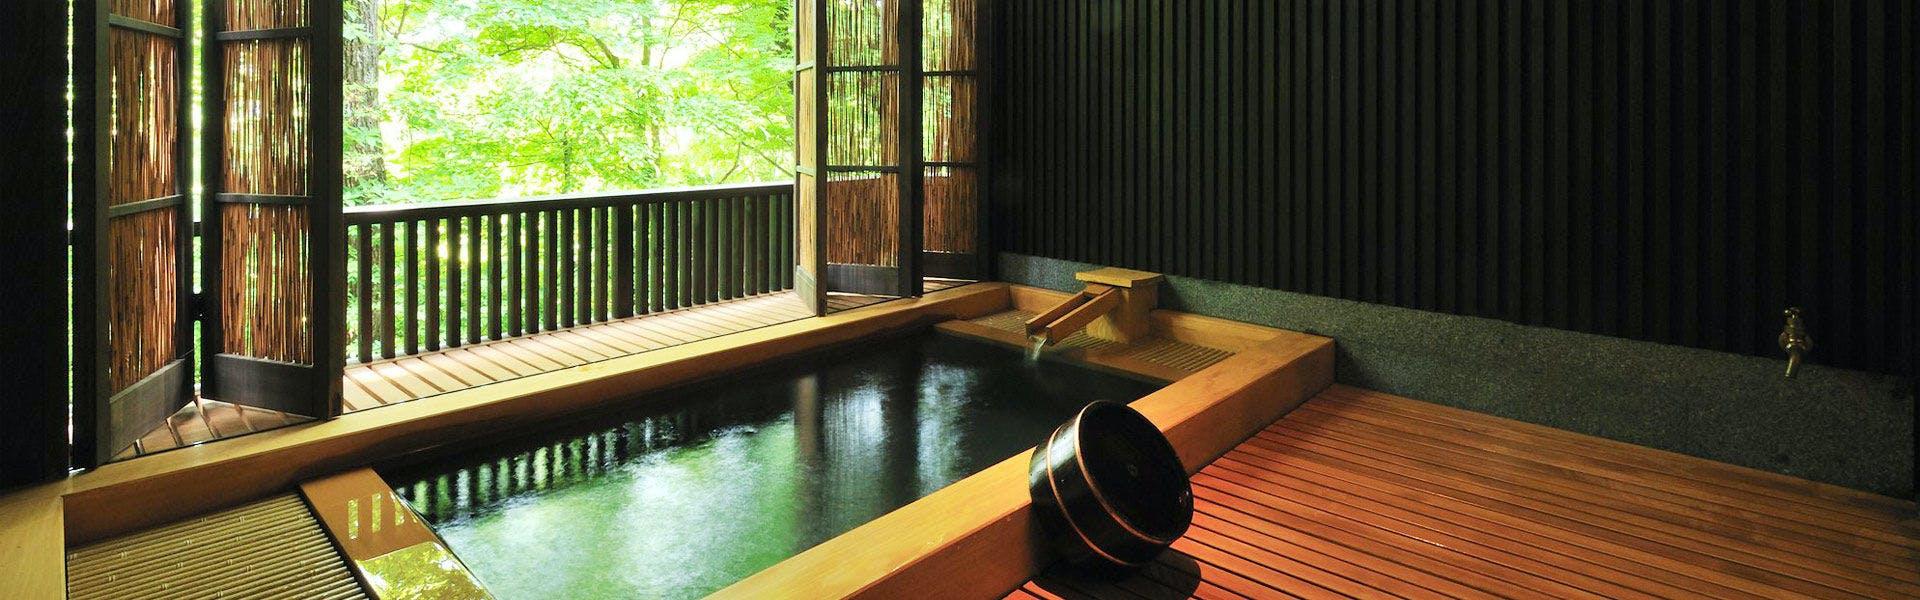 記念日におすすめのホテル・那須高原の宿 山水閣の写真2